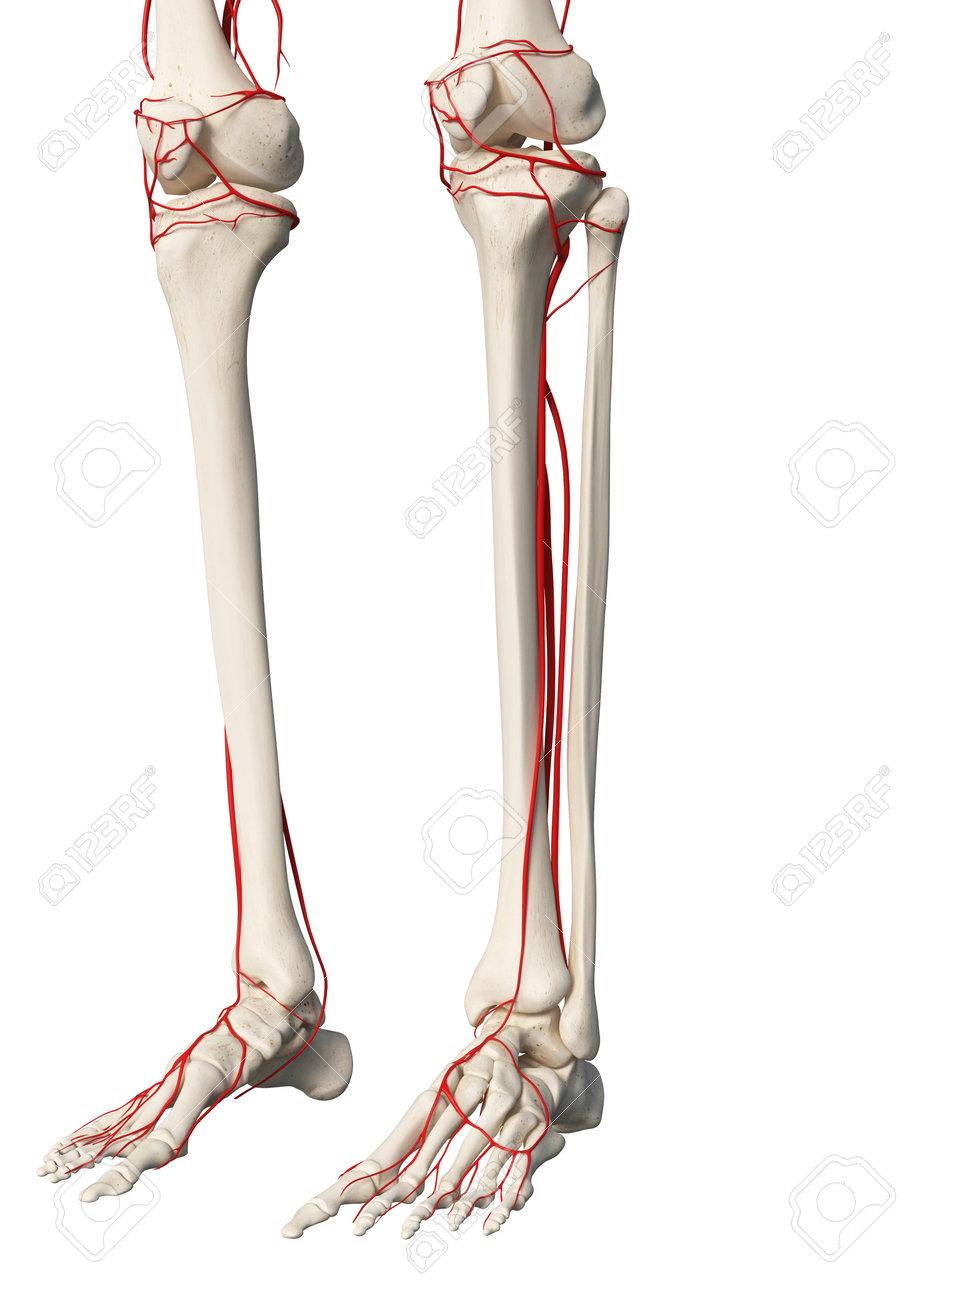 Ausgezeichnet Anatomie Der Beinvenen Bilder - Anatomie Ideen ...